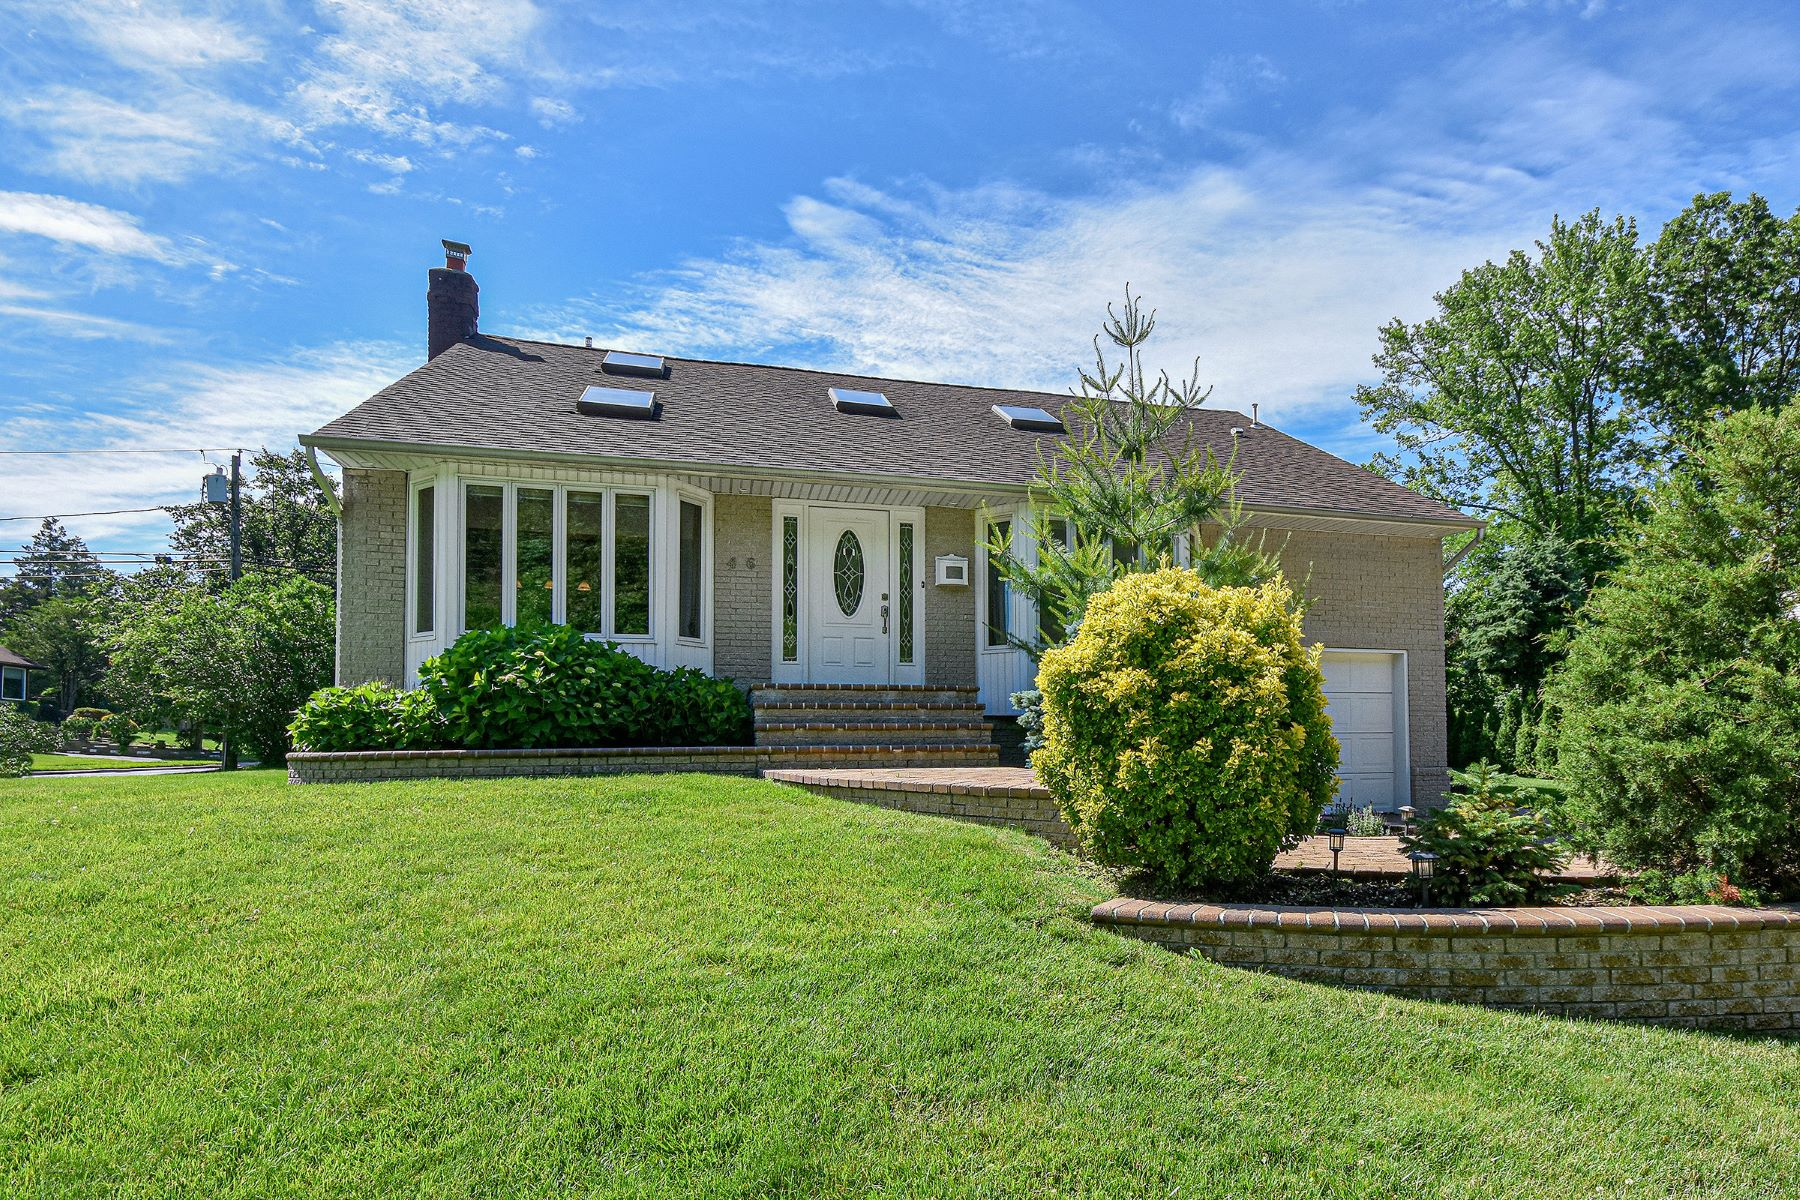 Single Family Homes für Verkauf beim Syosset 46 Marlene Drive, Syosset, New York 11791 Vereinigte Staaten